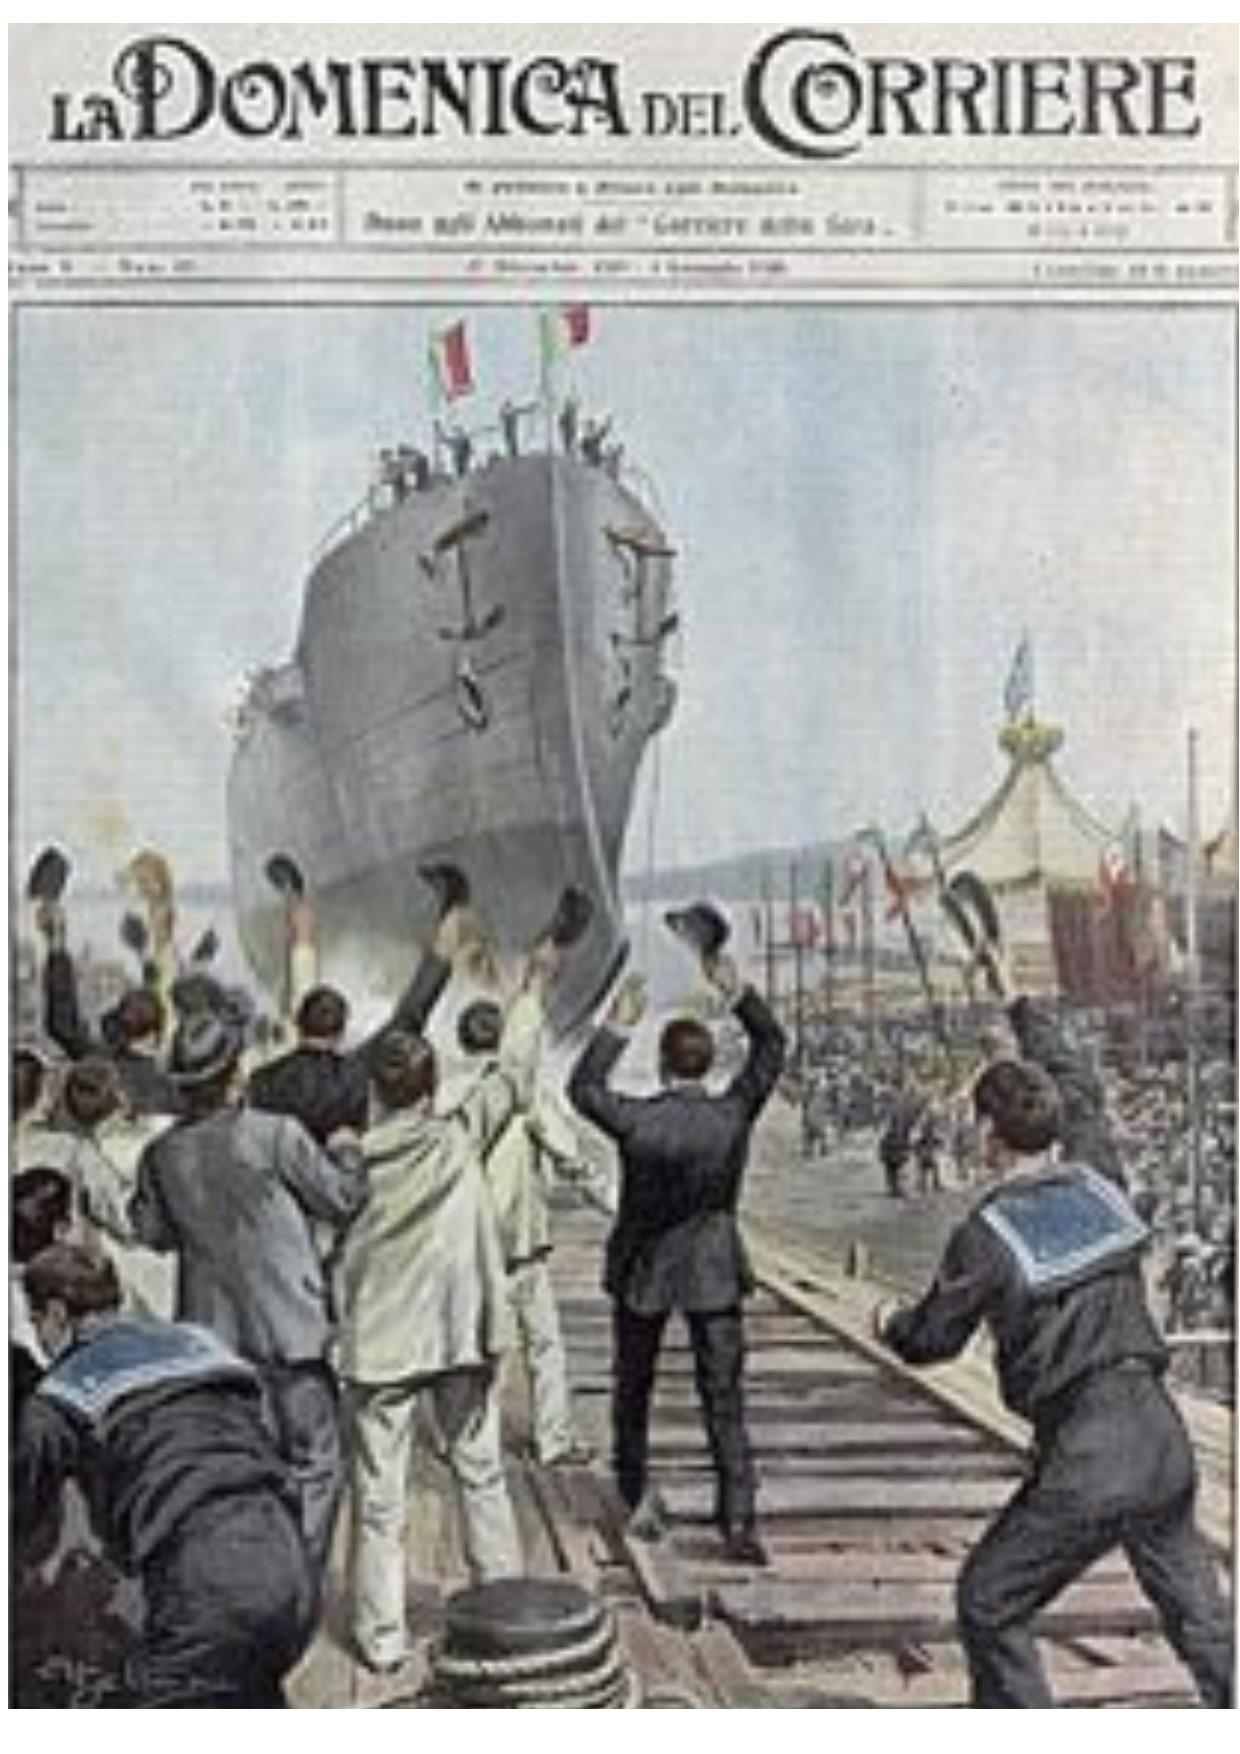 Il San Marco al varo - Domenica del Corriere